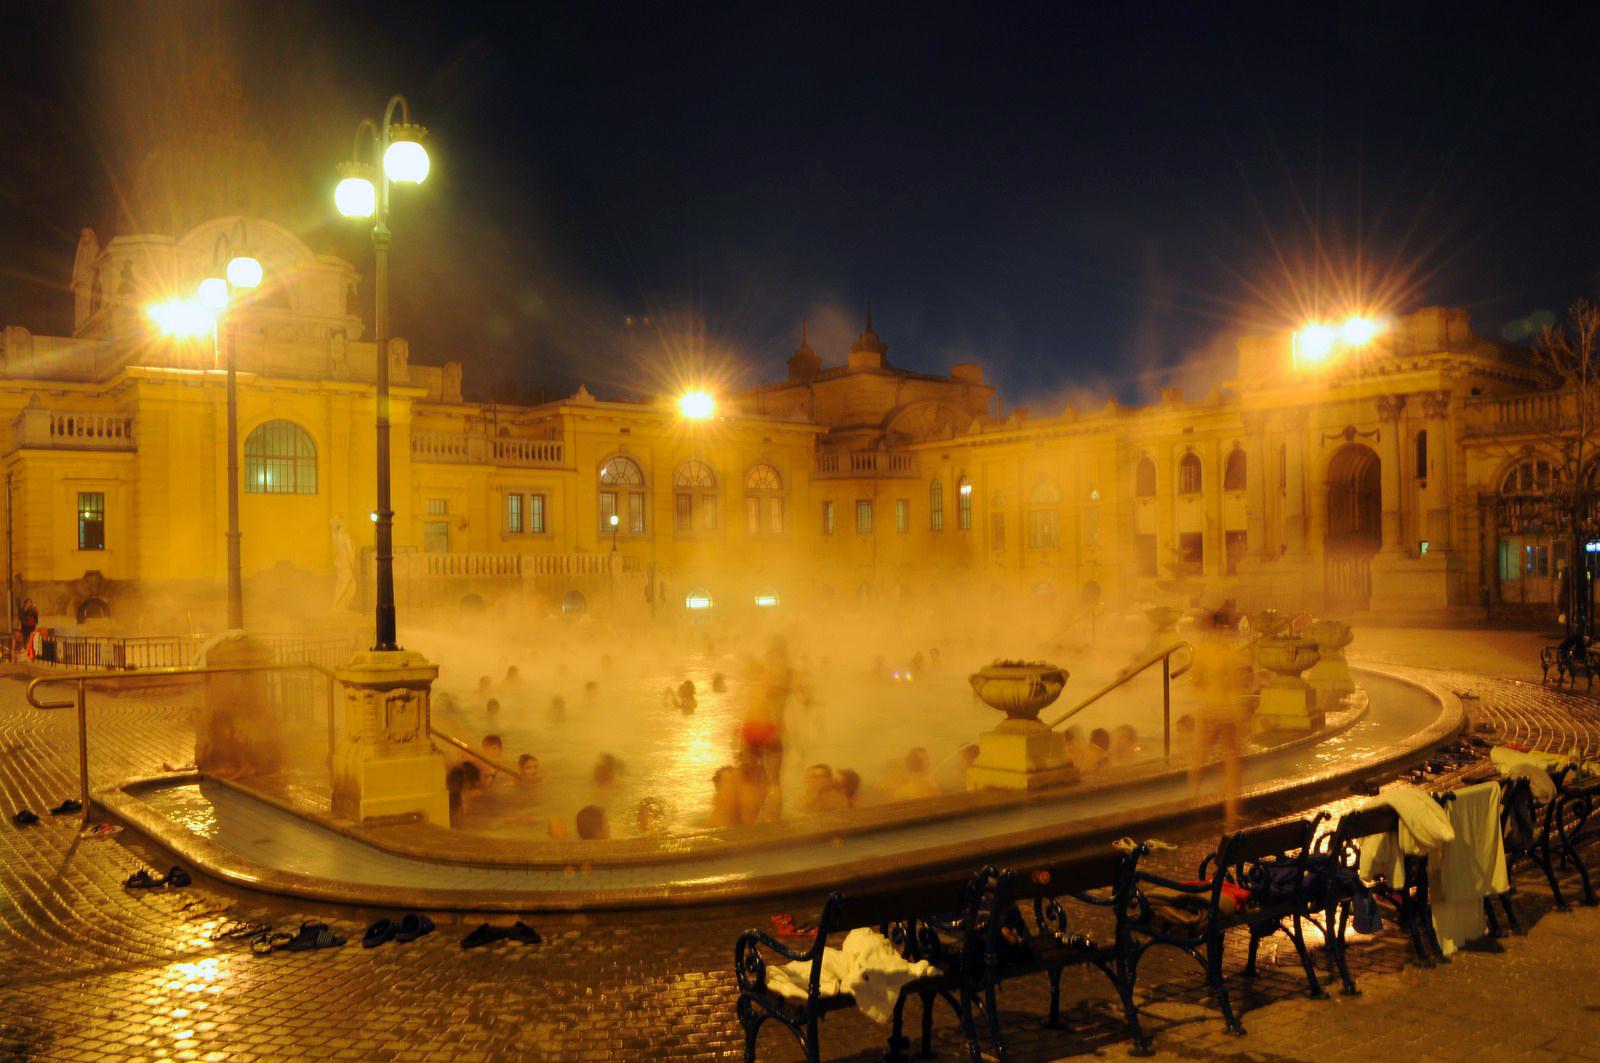 Qué ver en Budapest en un fin de semana: Baños Szechenyi en Budapest budapest en un fin de semana - 21235399089 3ffb5ee7d8 o - Qué ver en Budapest en un fin de semana